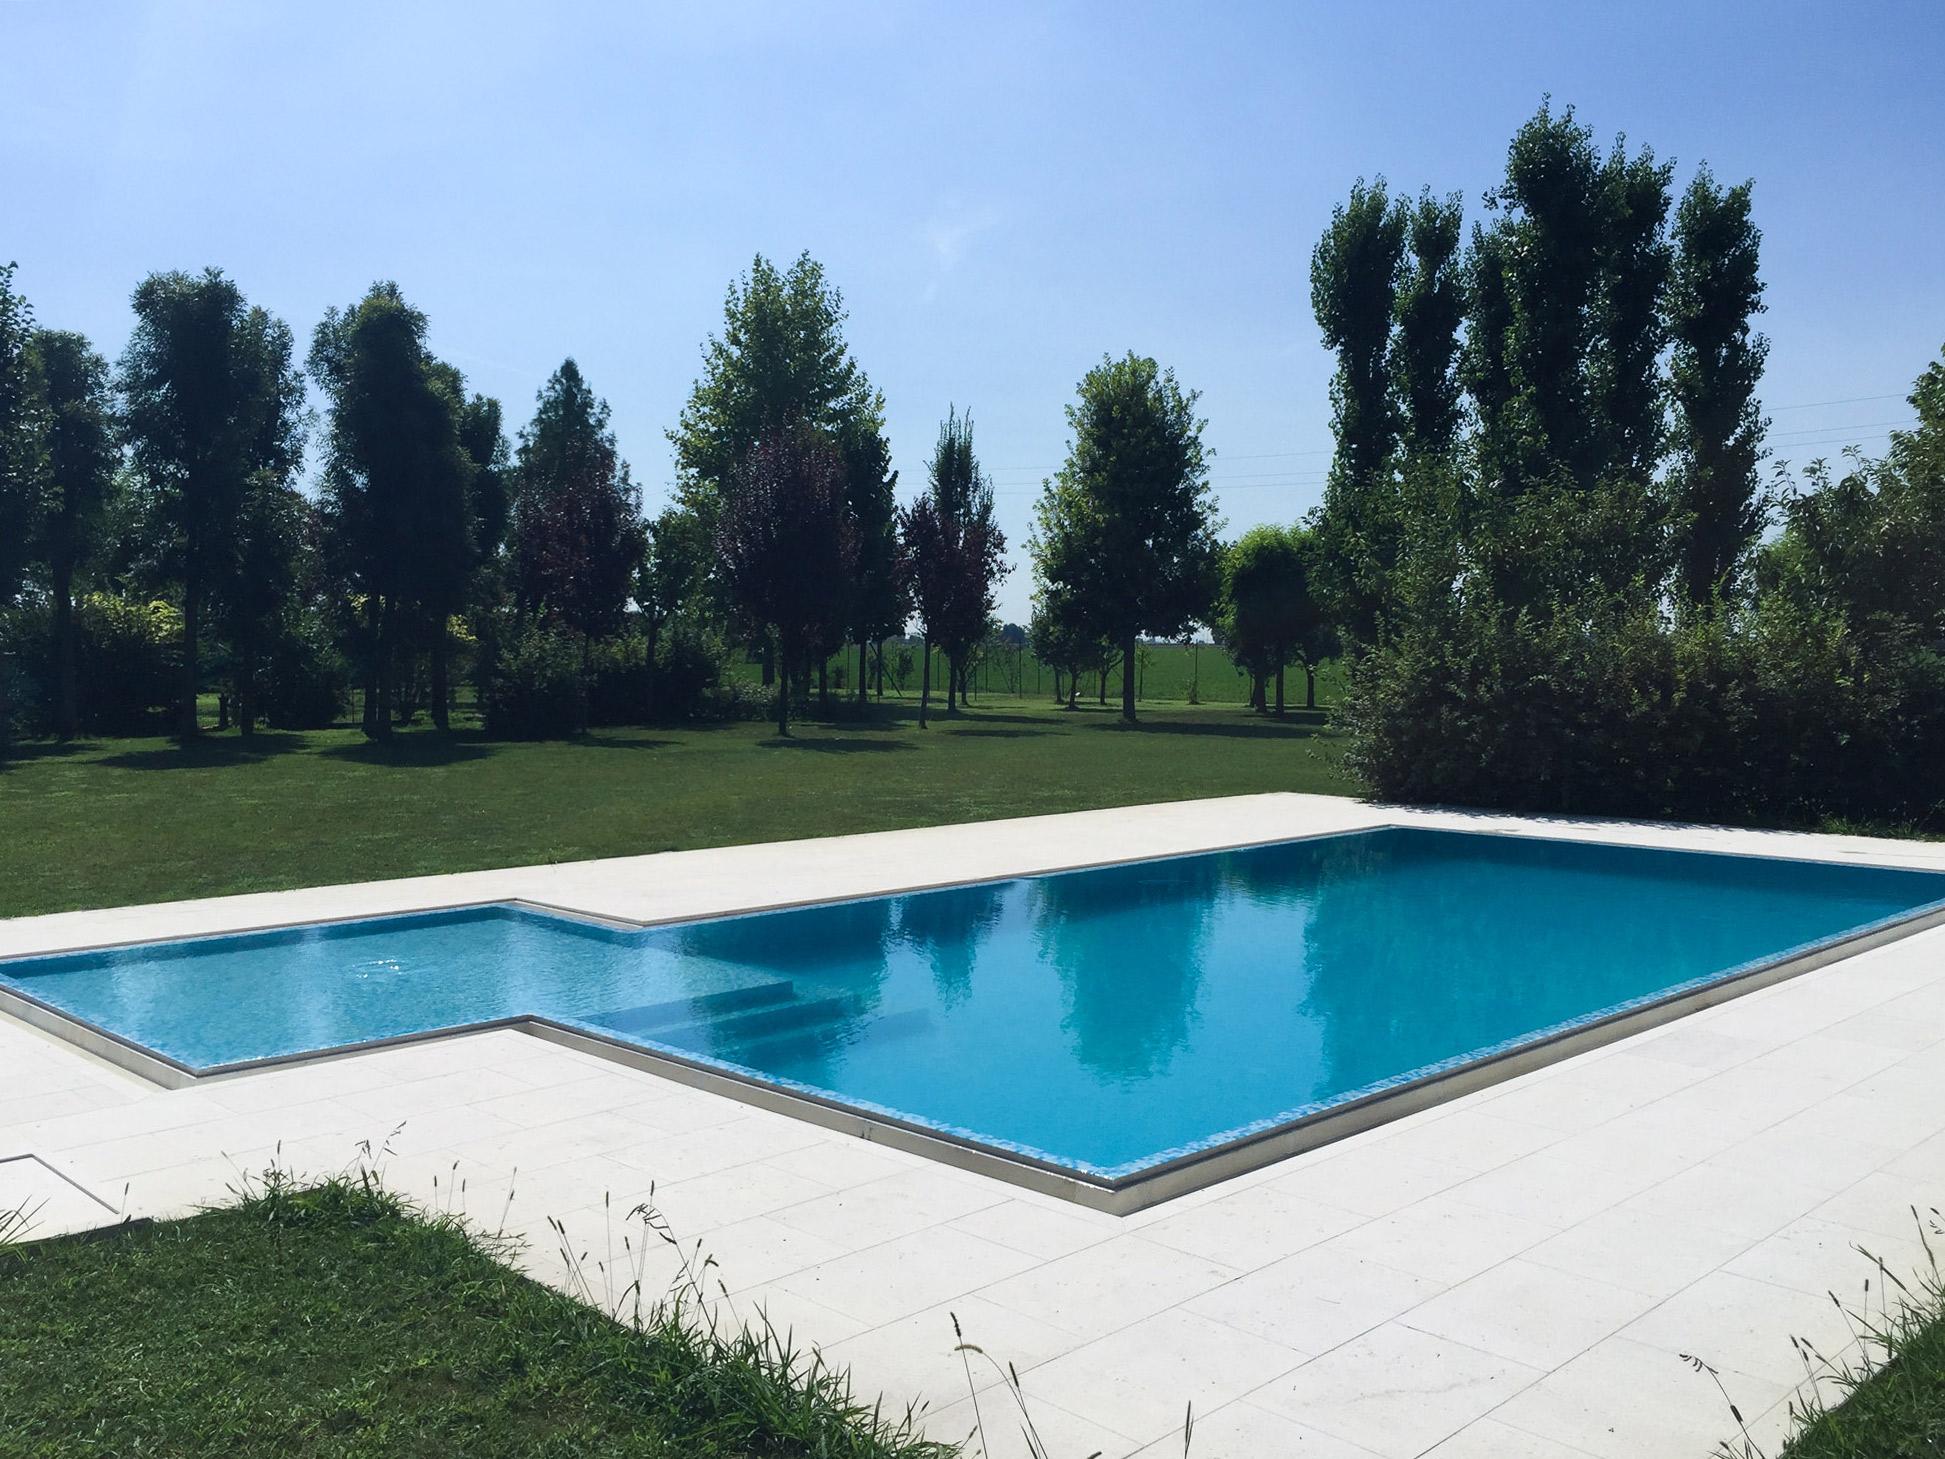 Piscine Sfioro A Cascata piscine - zanini piscine